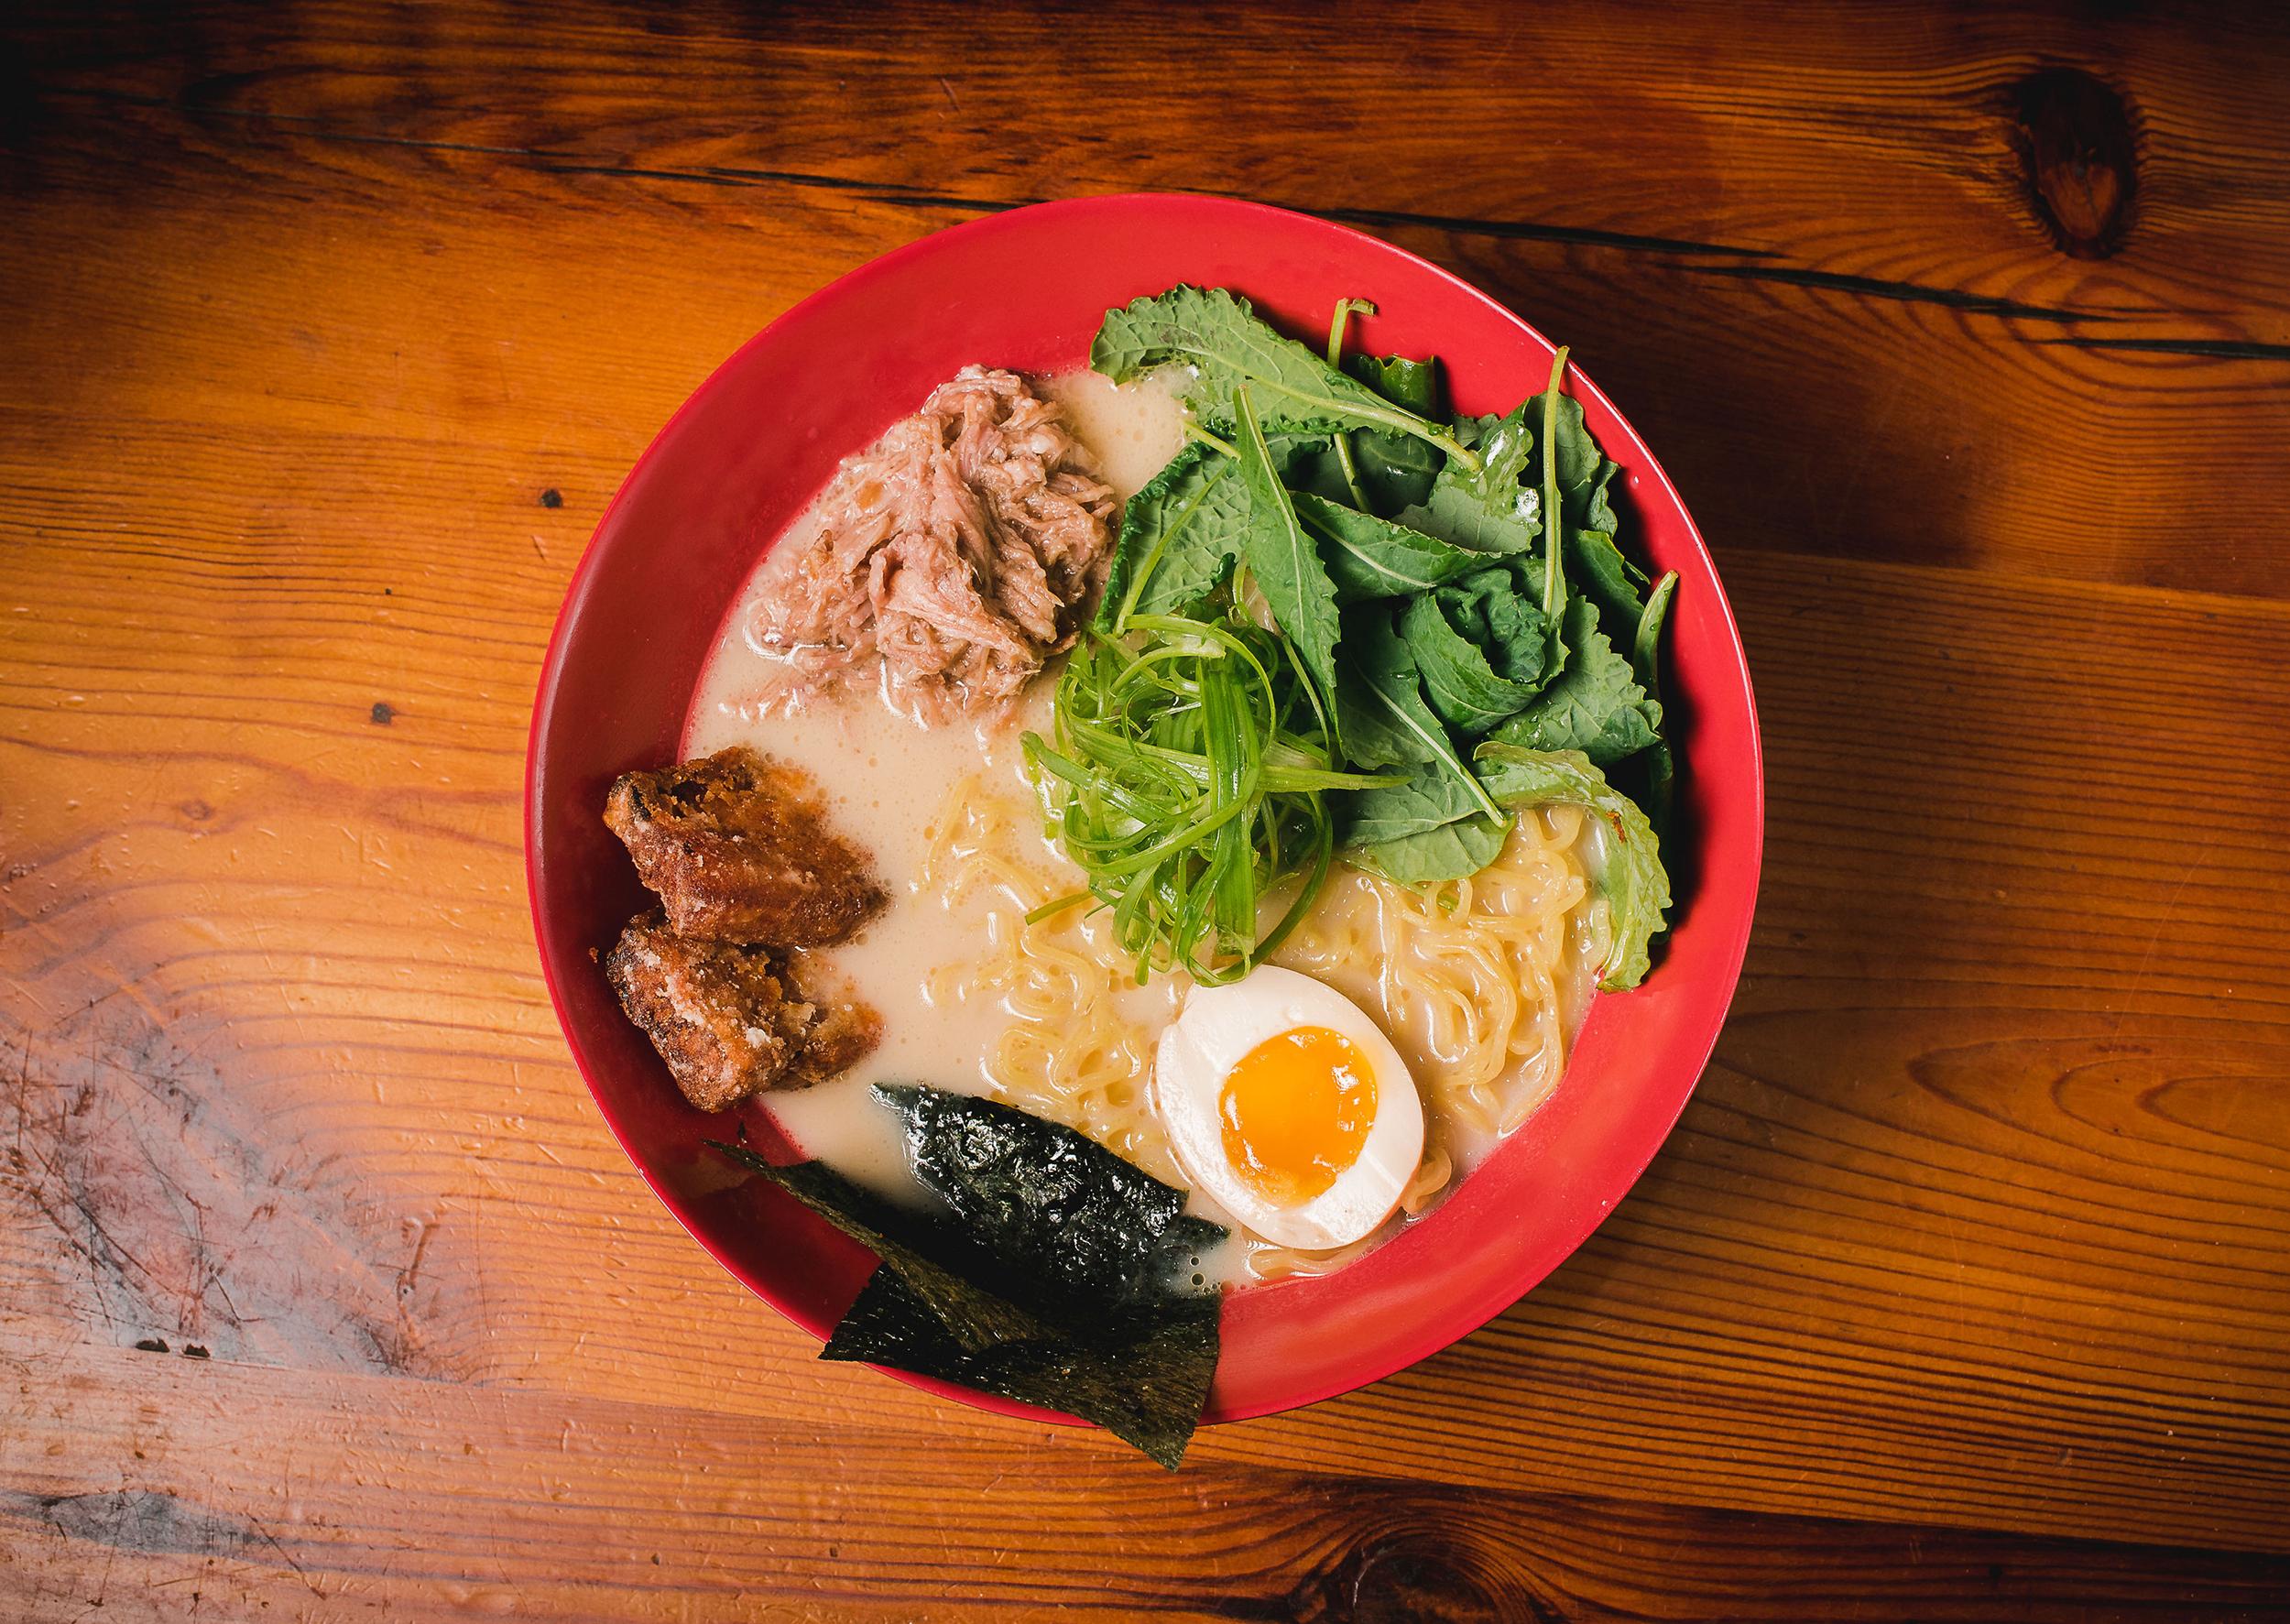 Ejji Ramen - Best Ramen Tonkotsu Bowl